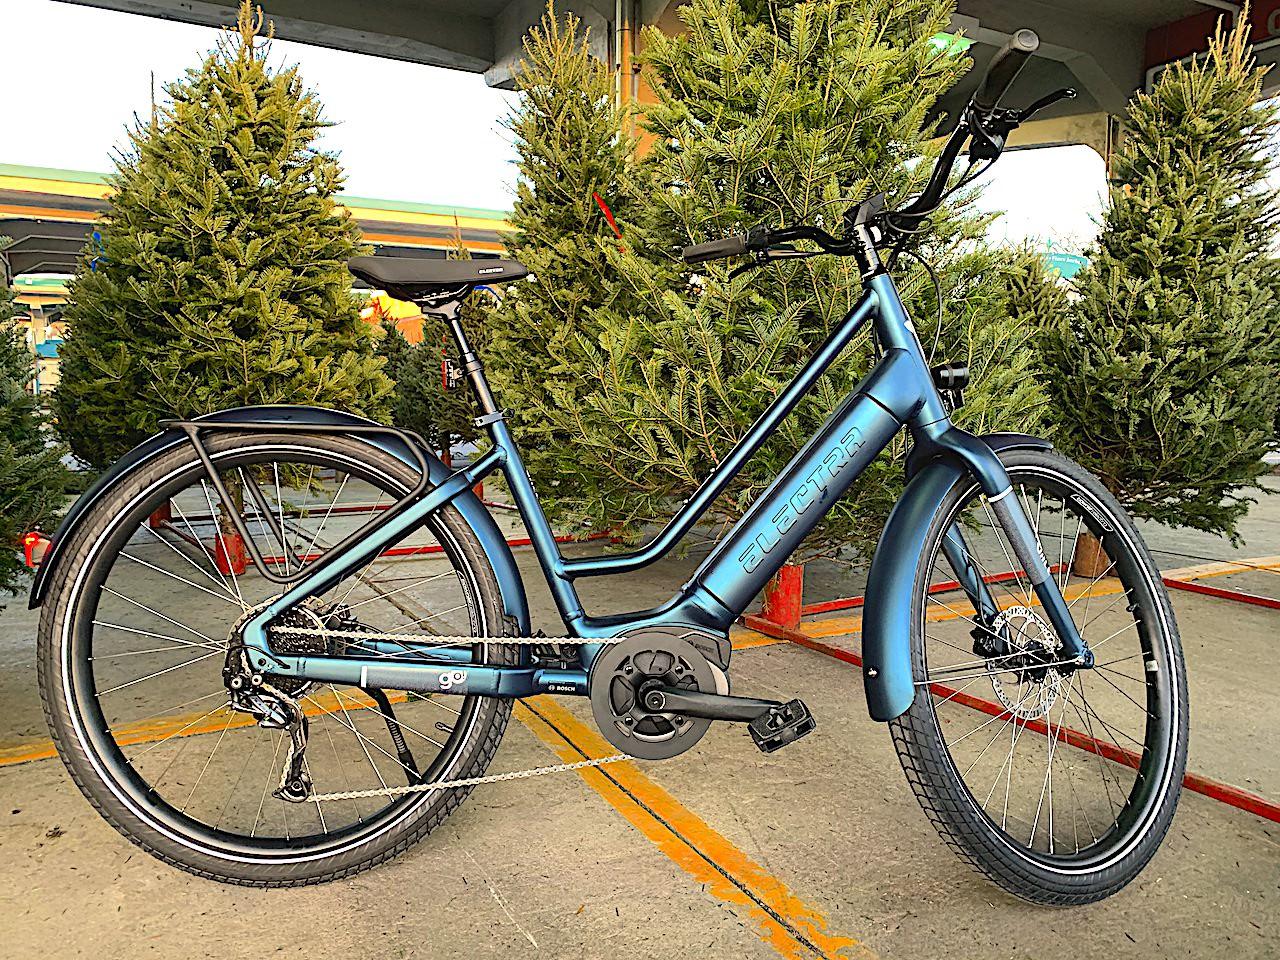 Un vélo électrique pour l'hiver, c'est génial